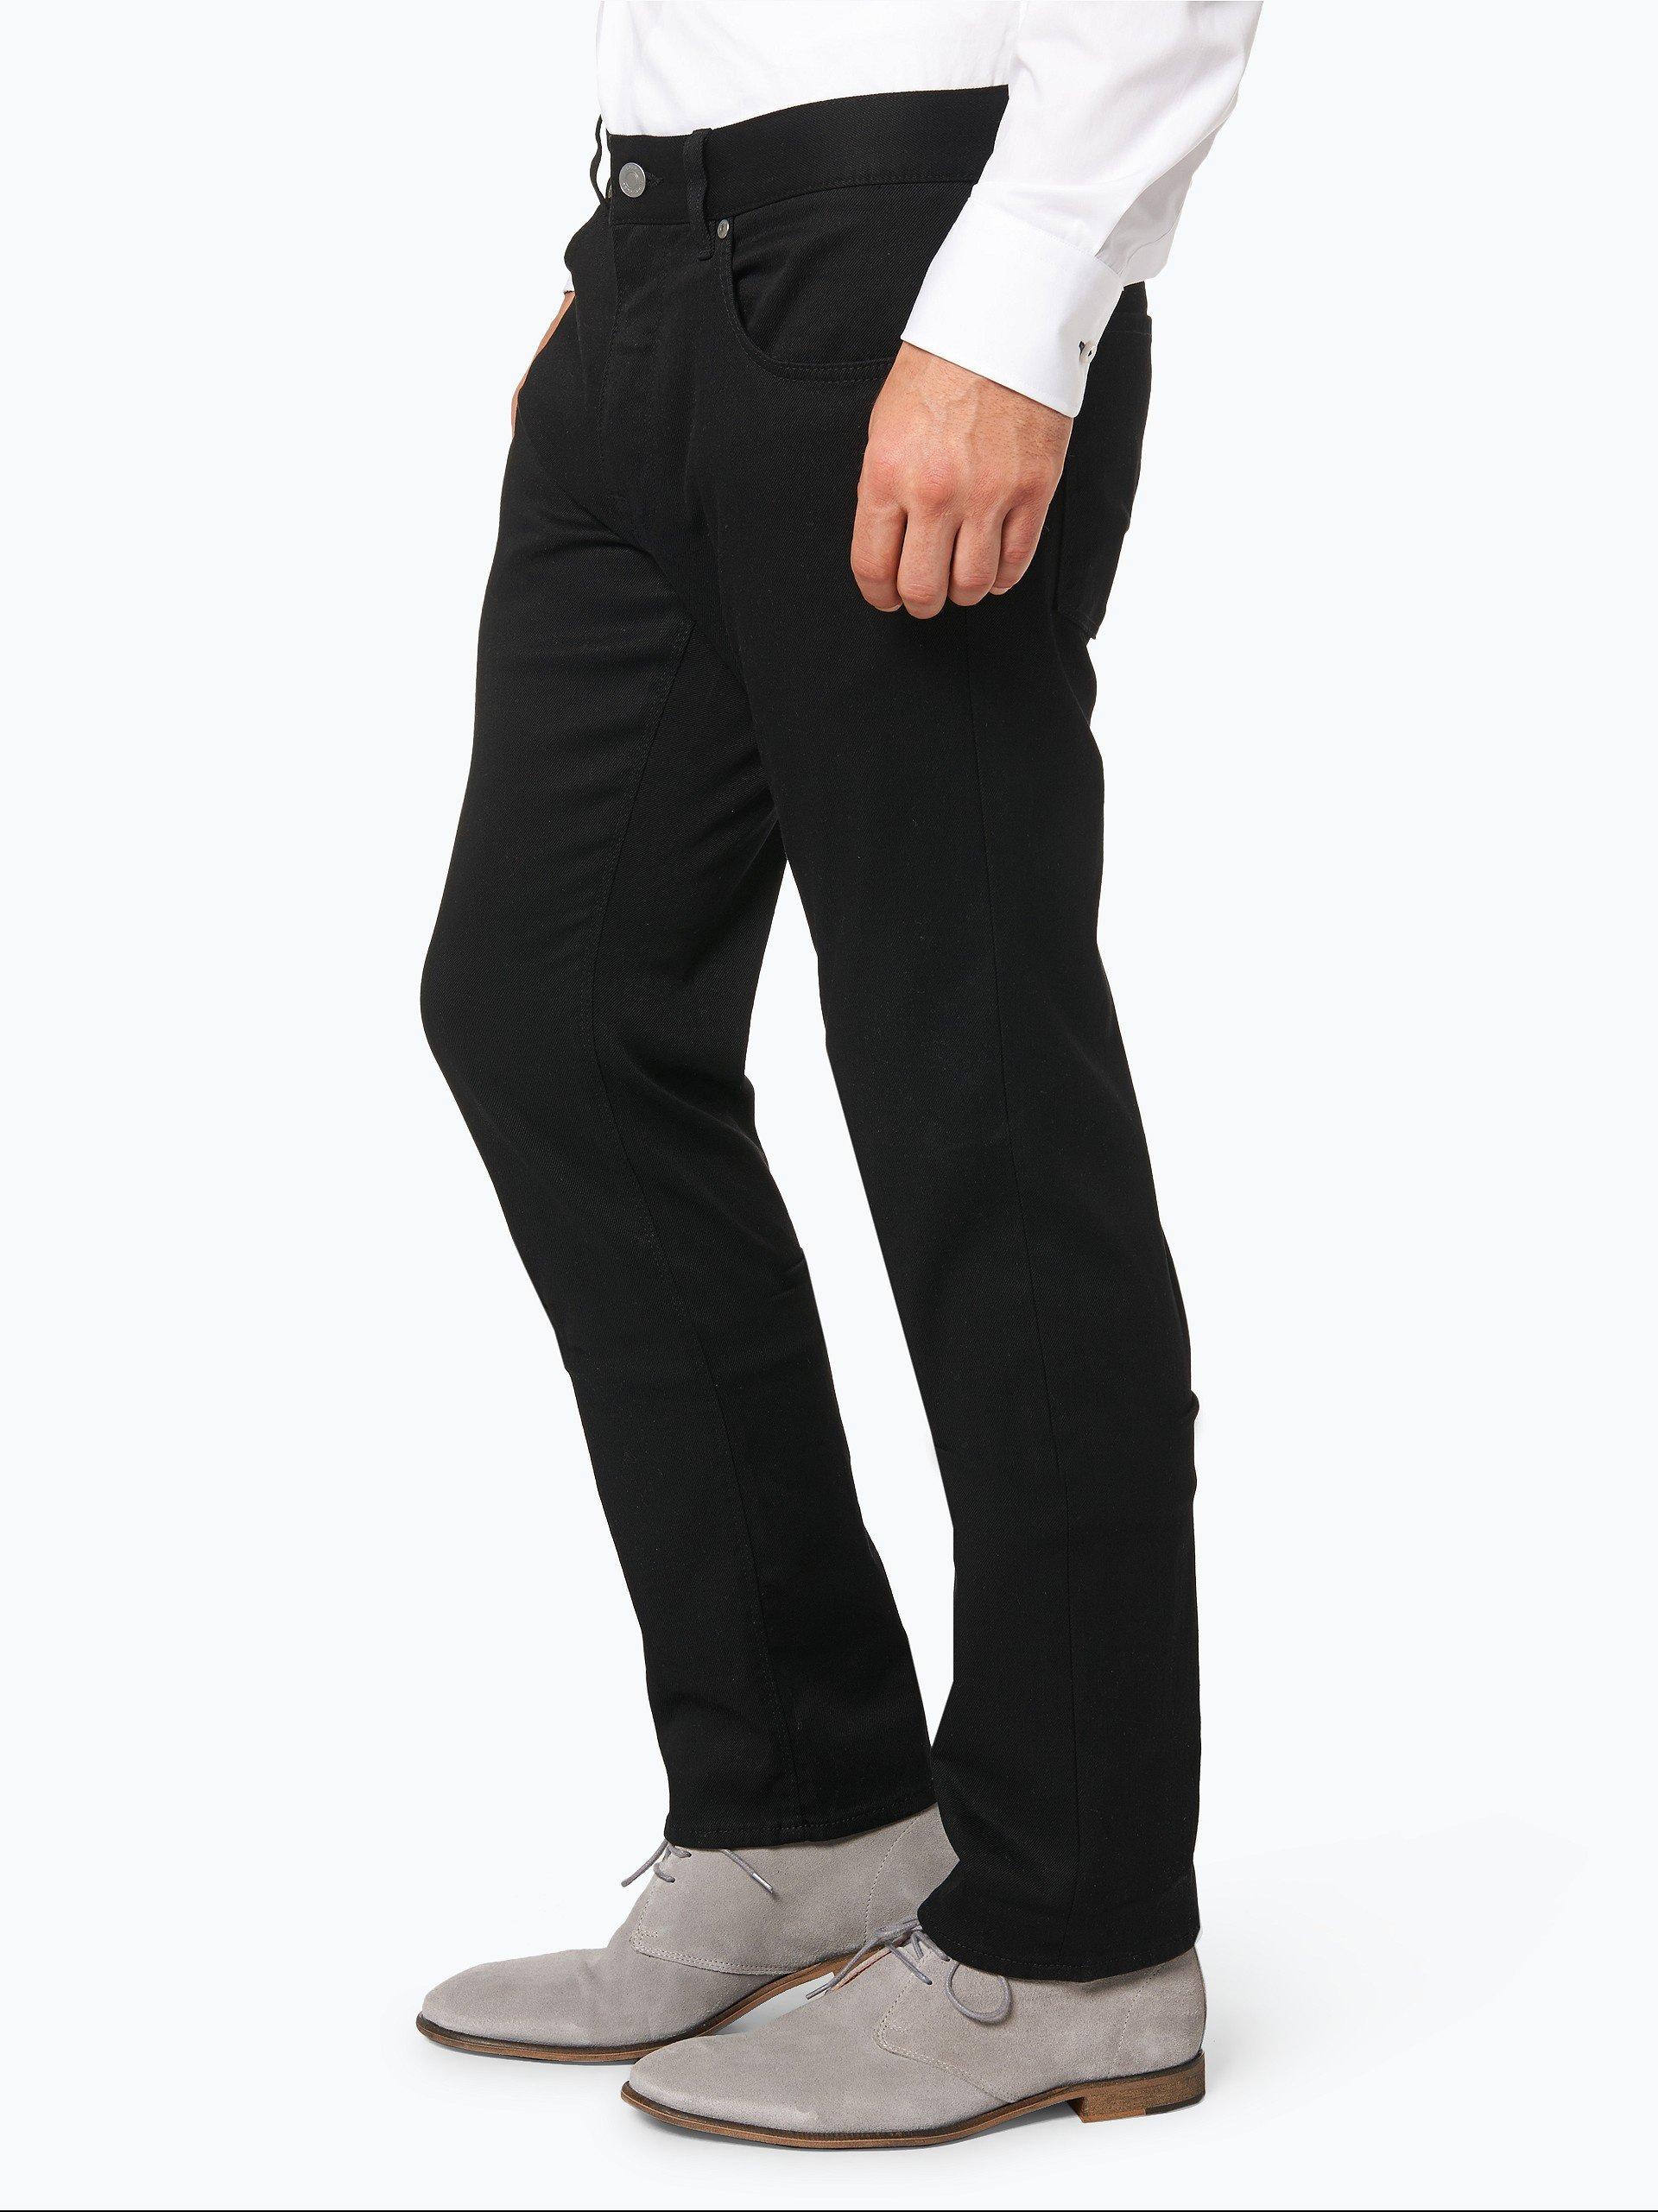 boss athleisure herren jeans c maine1 schwarz uni online kaufen peek und cloppenburg de. Black Bedroom Furniture Sets. Home Design Ideas